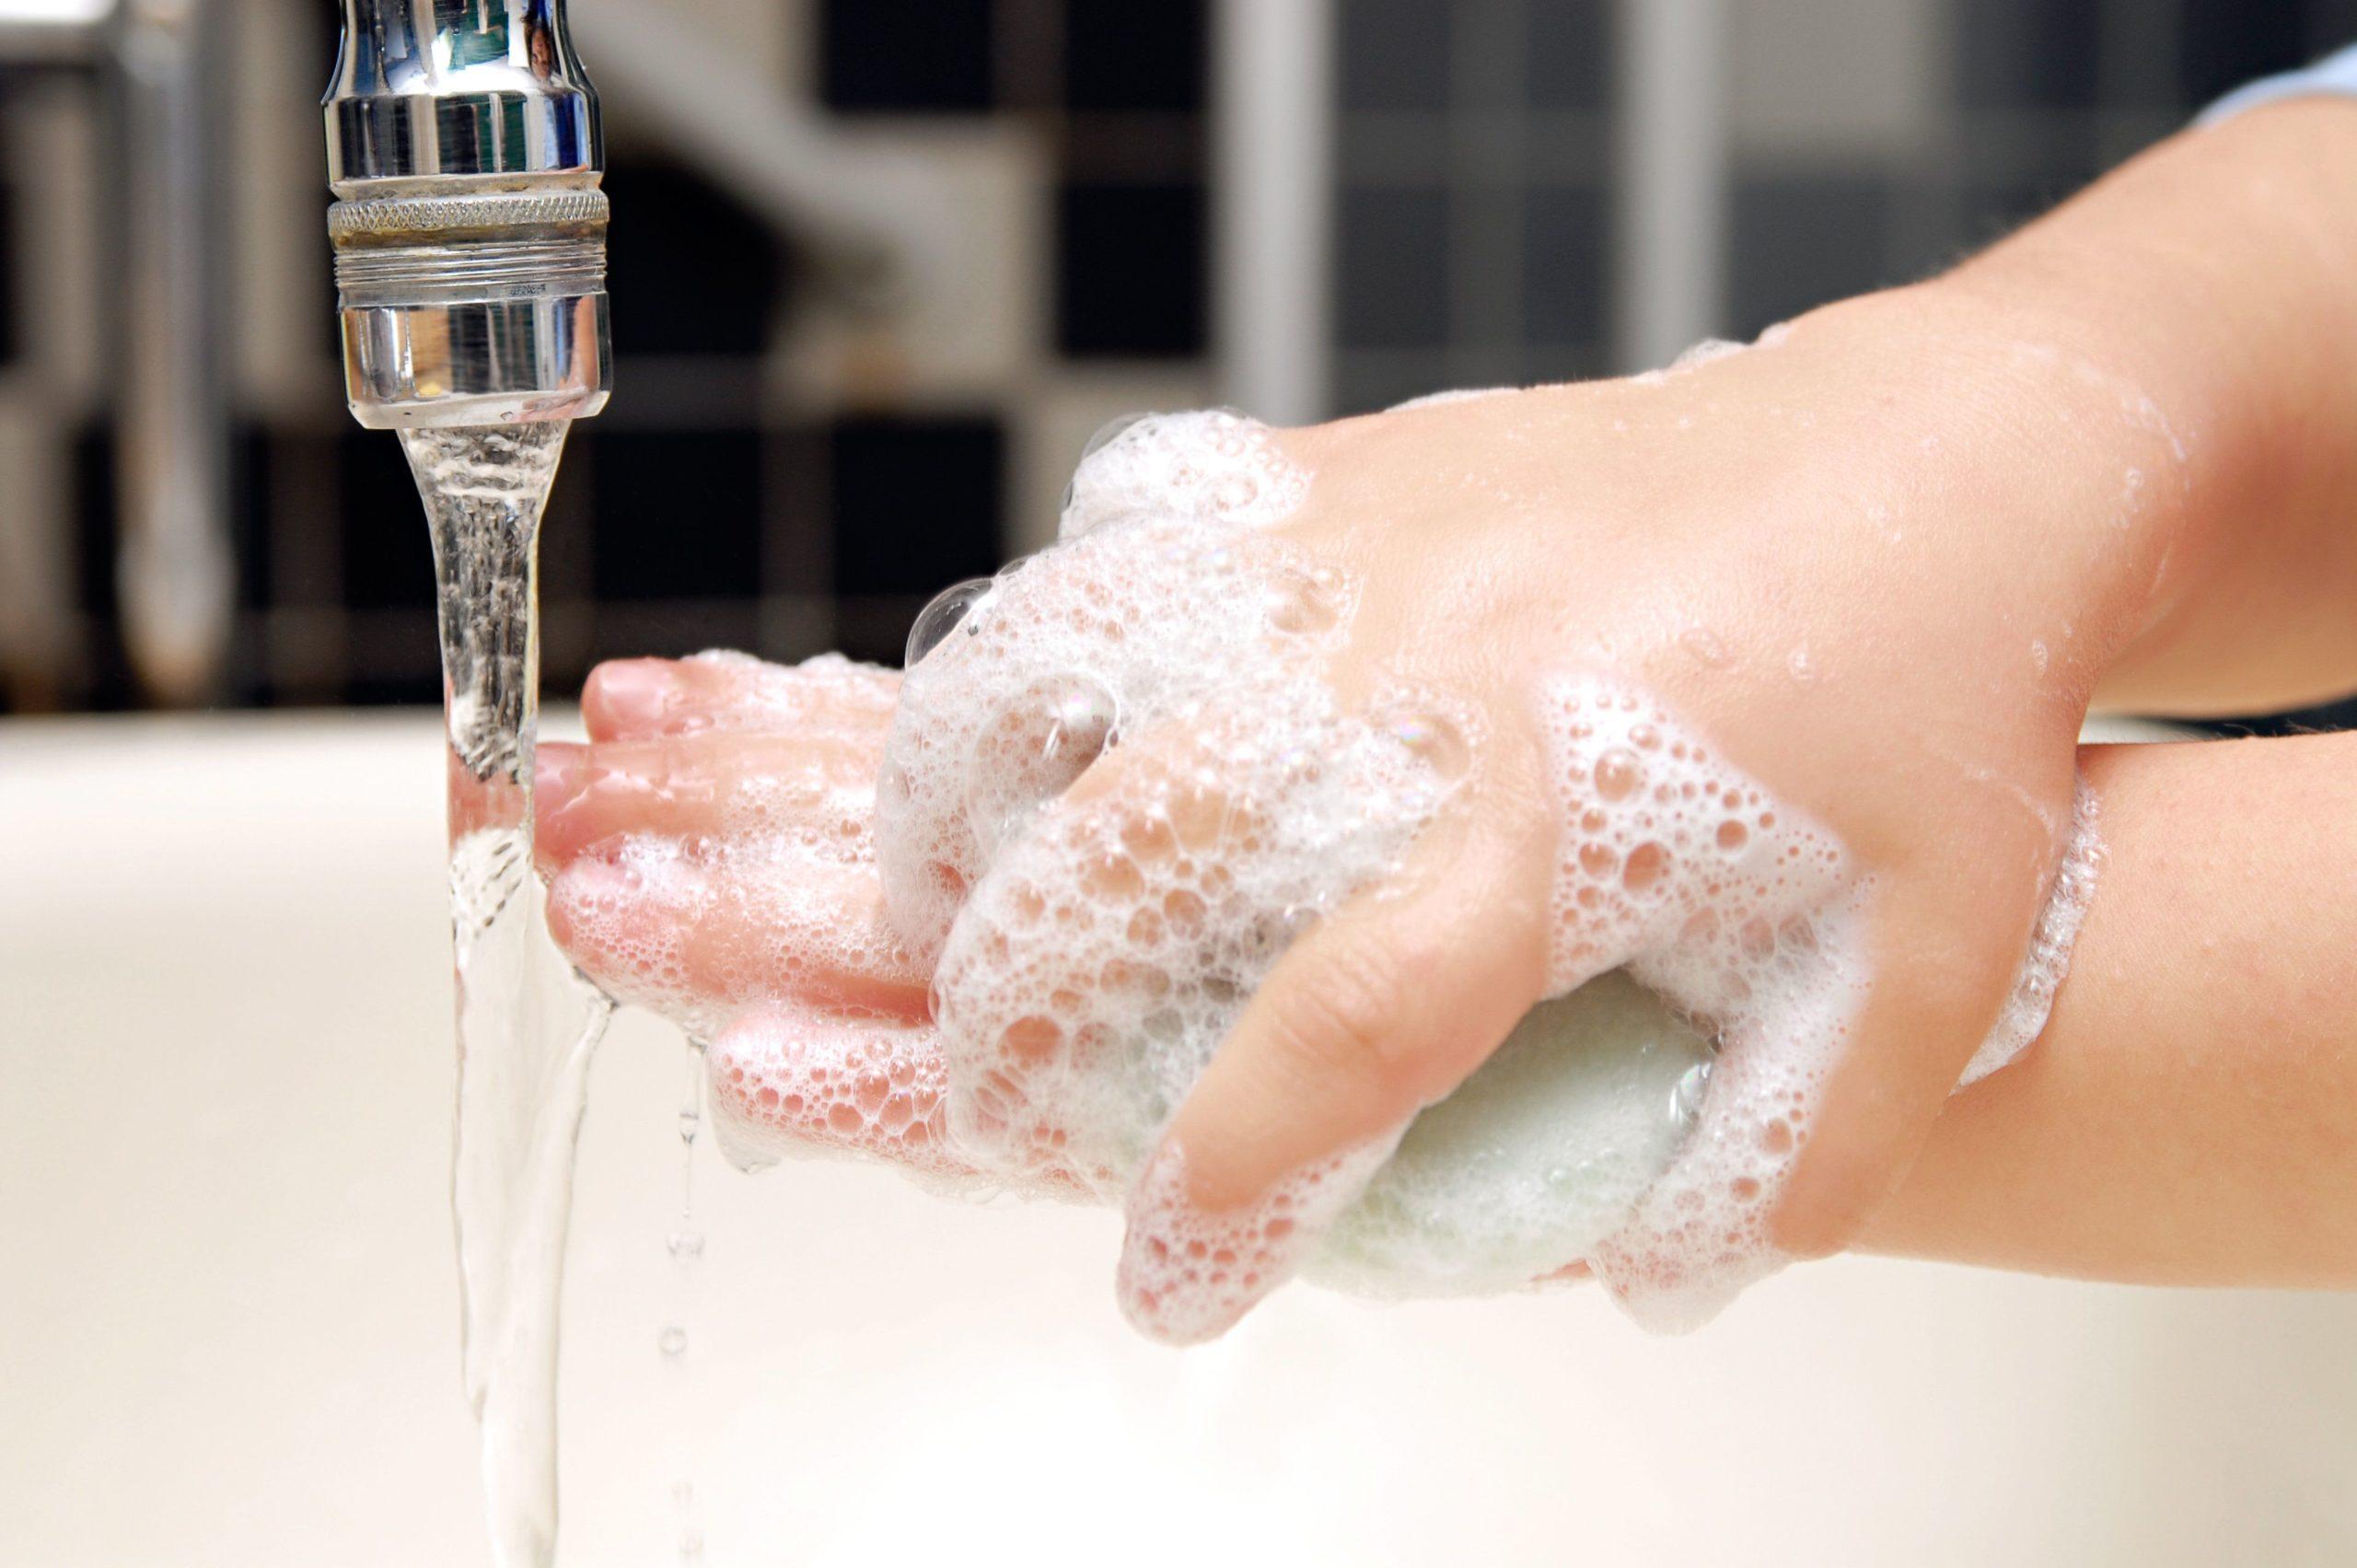 Что эффективнее: мыло или антибактериальный гель?